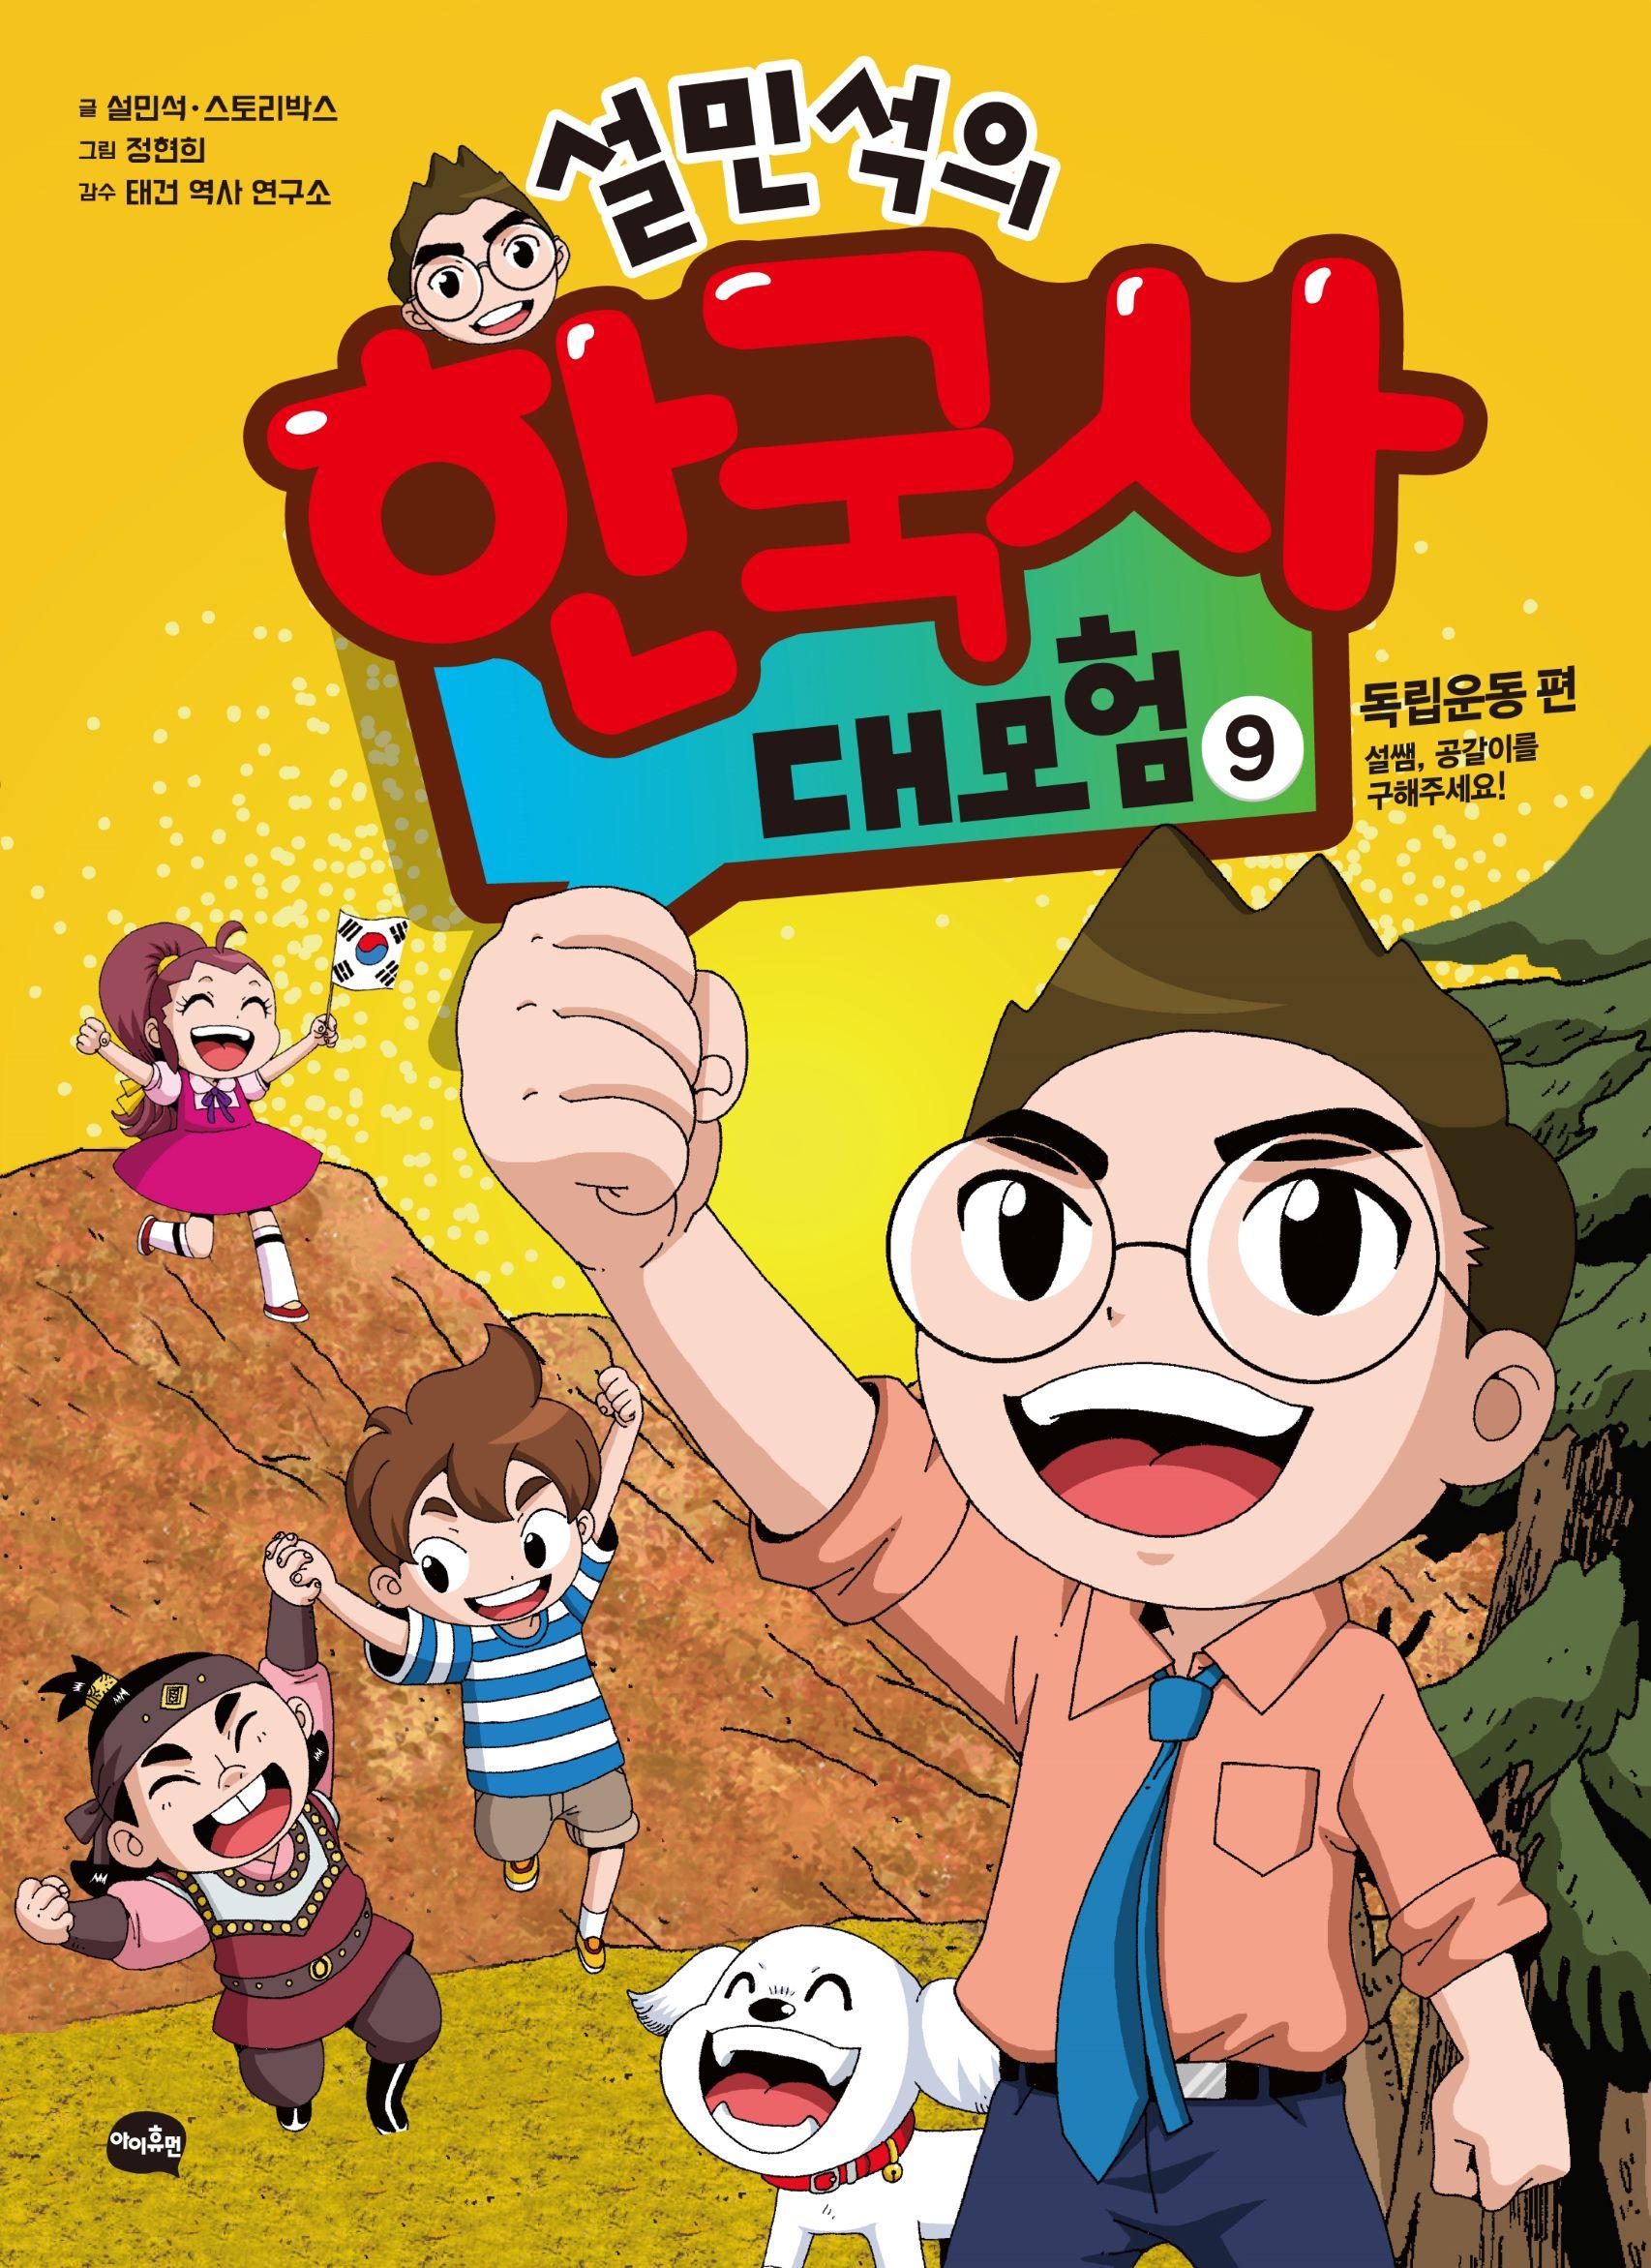 (설민석의) 한국사 대모험. 9, 독립운동 편: 설쌤, 공갈이를 구해주세요! 표지